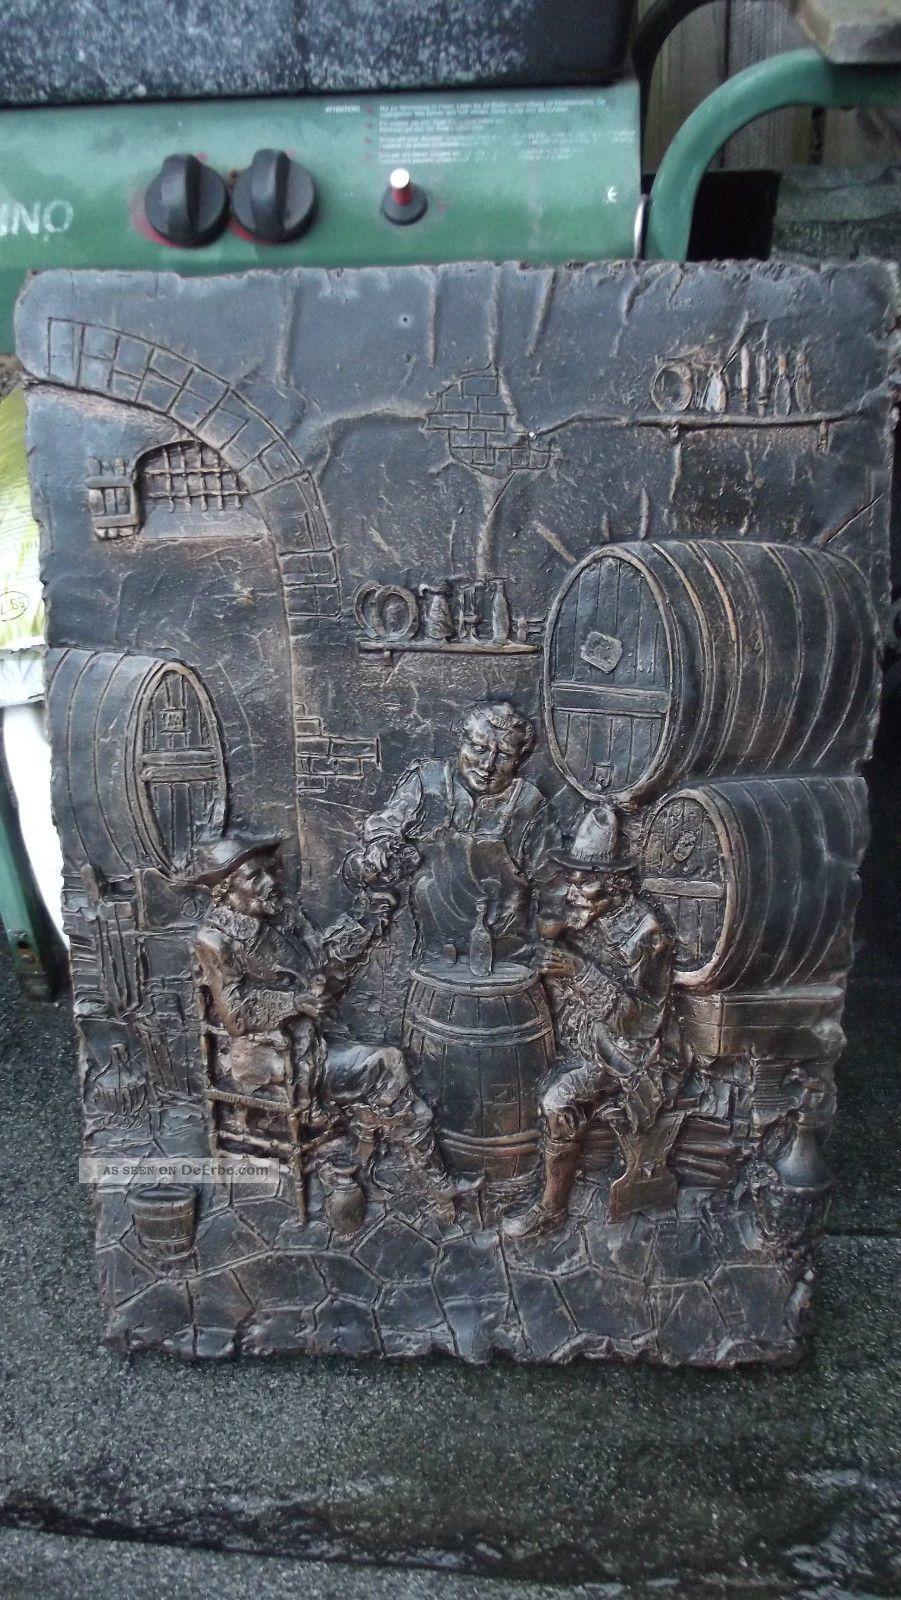 Wandrelief Kaminplatte - Kupfer Wirtshausmotiv - 71x50x2 Cm - 13 Kg - Kellerfund Metallobjekte Bild